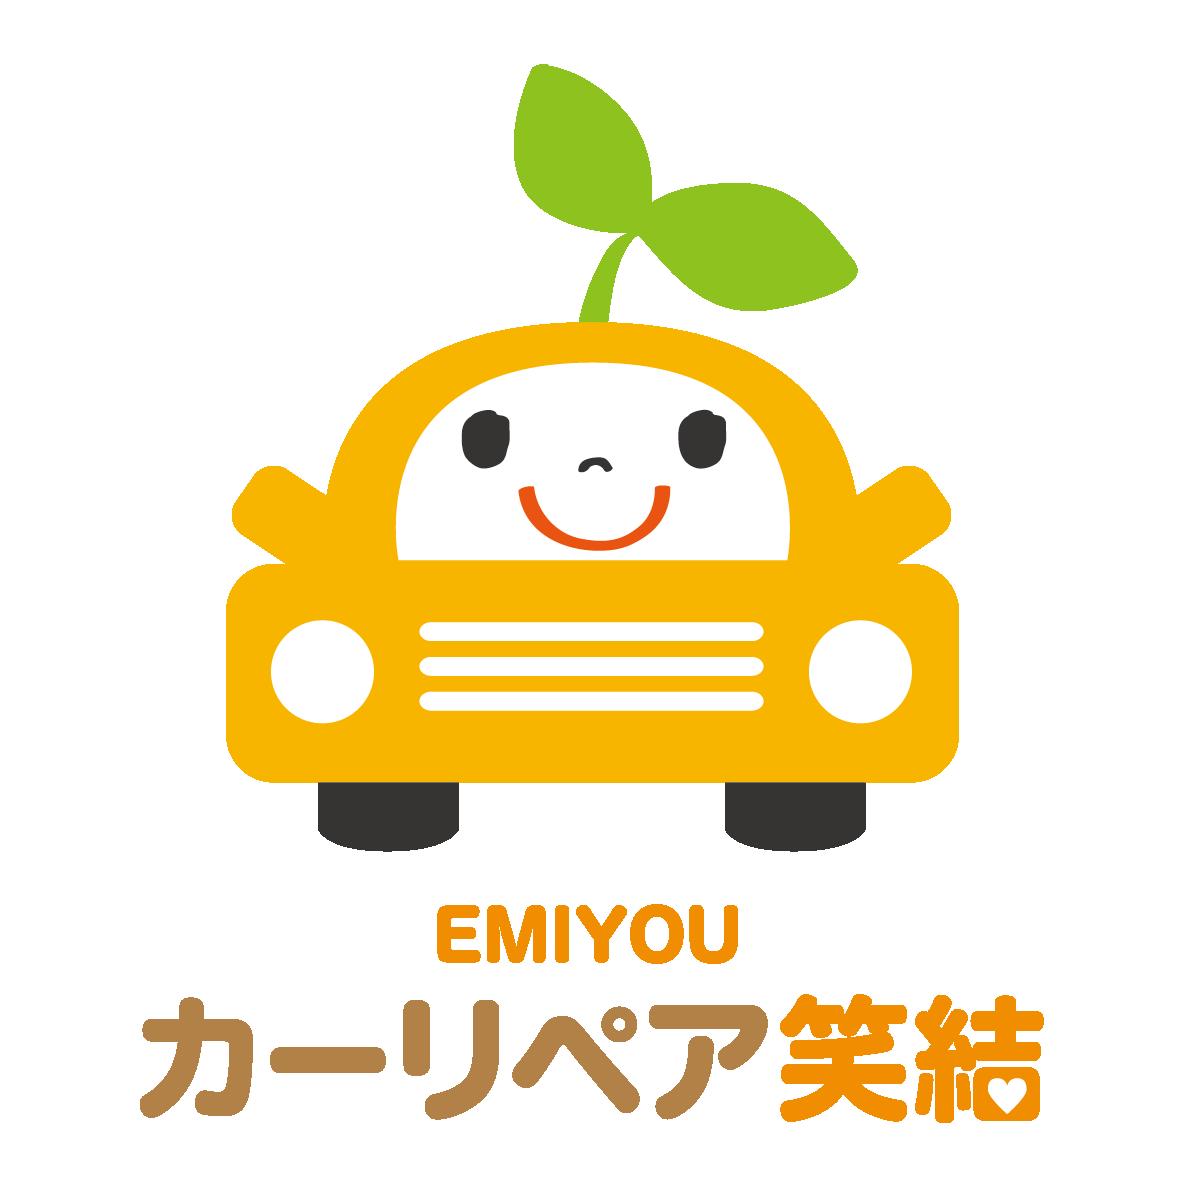 自動車関連(販売/修理・整備)と親しみ/優しいとオレンジのロゴ